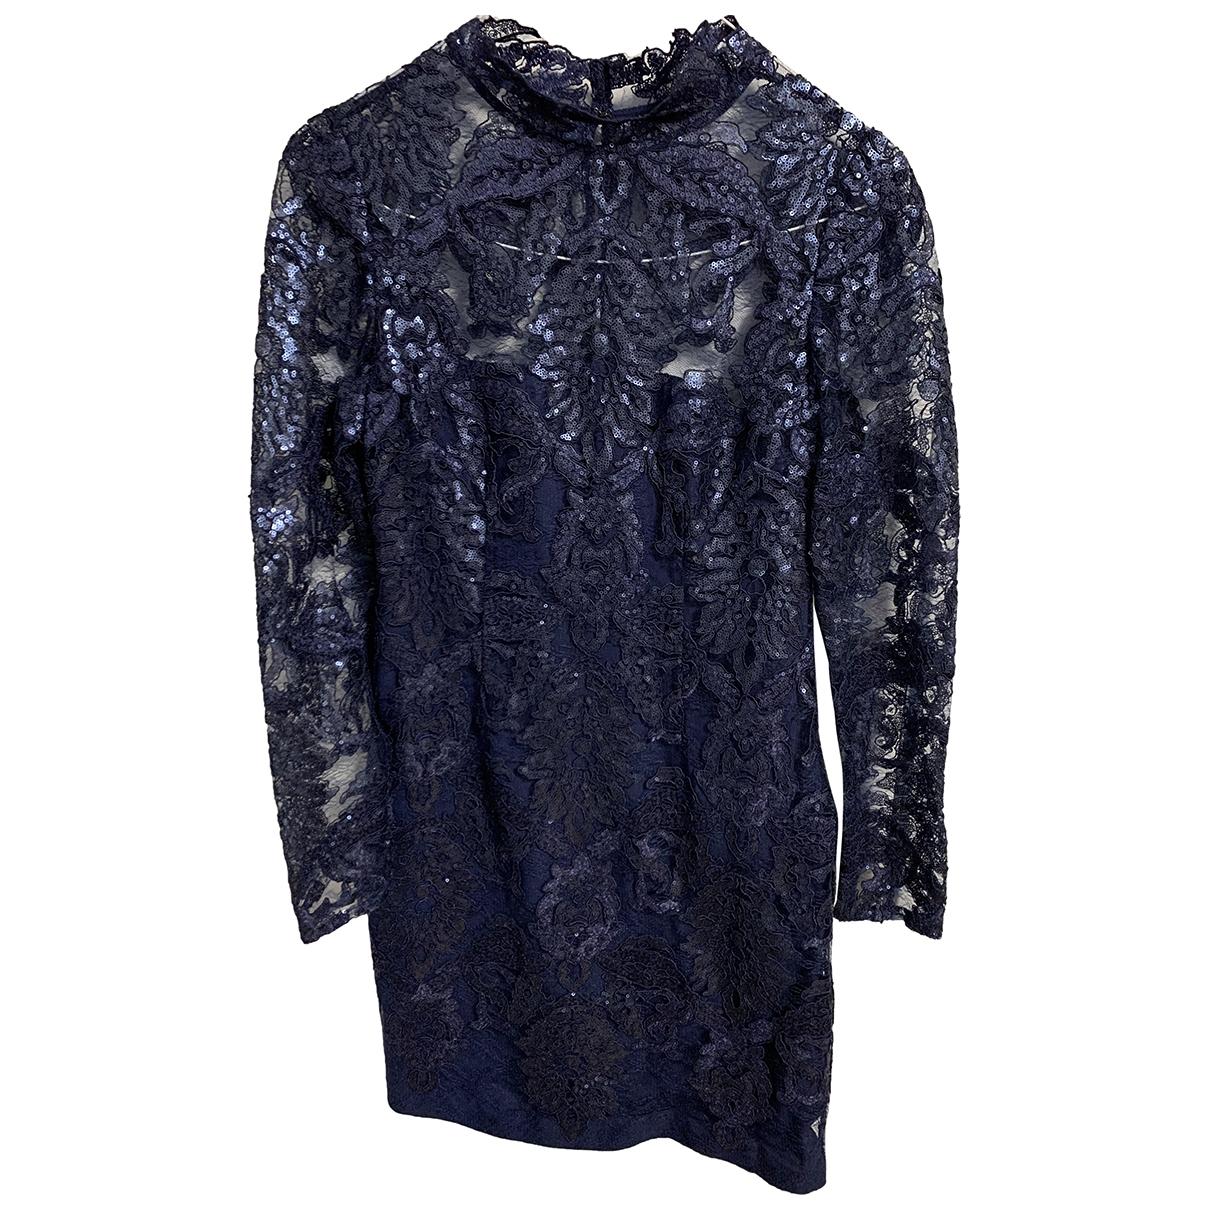 Reiss \N Navy Lace dress for Women 10 UK